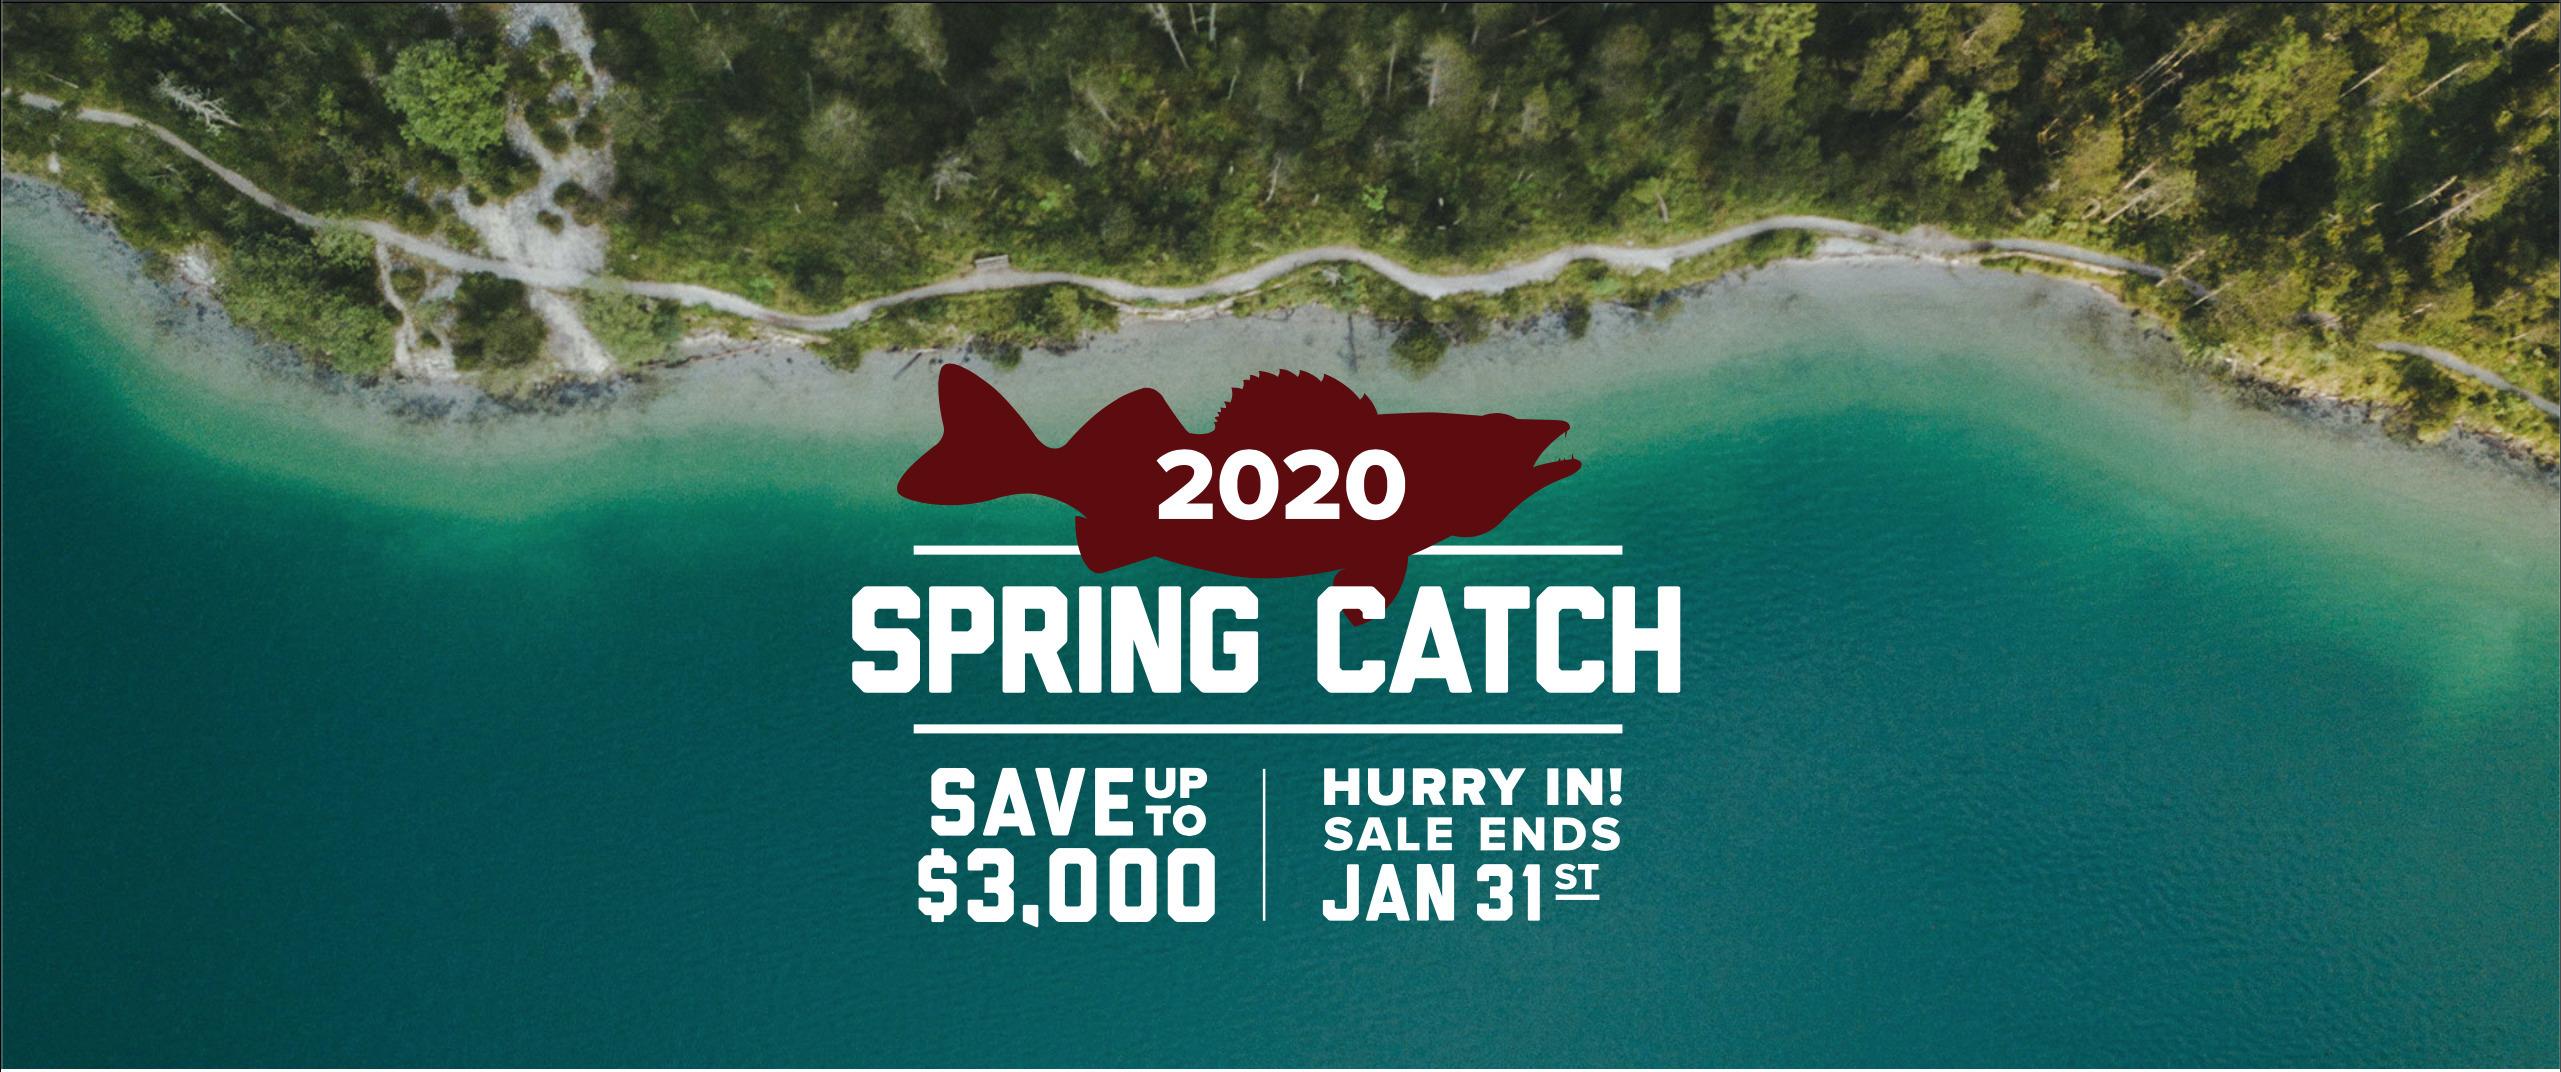 2020 Lund Spring Catch